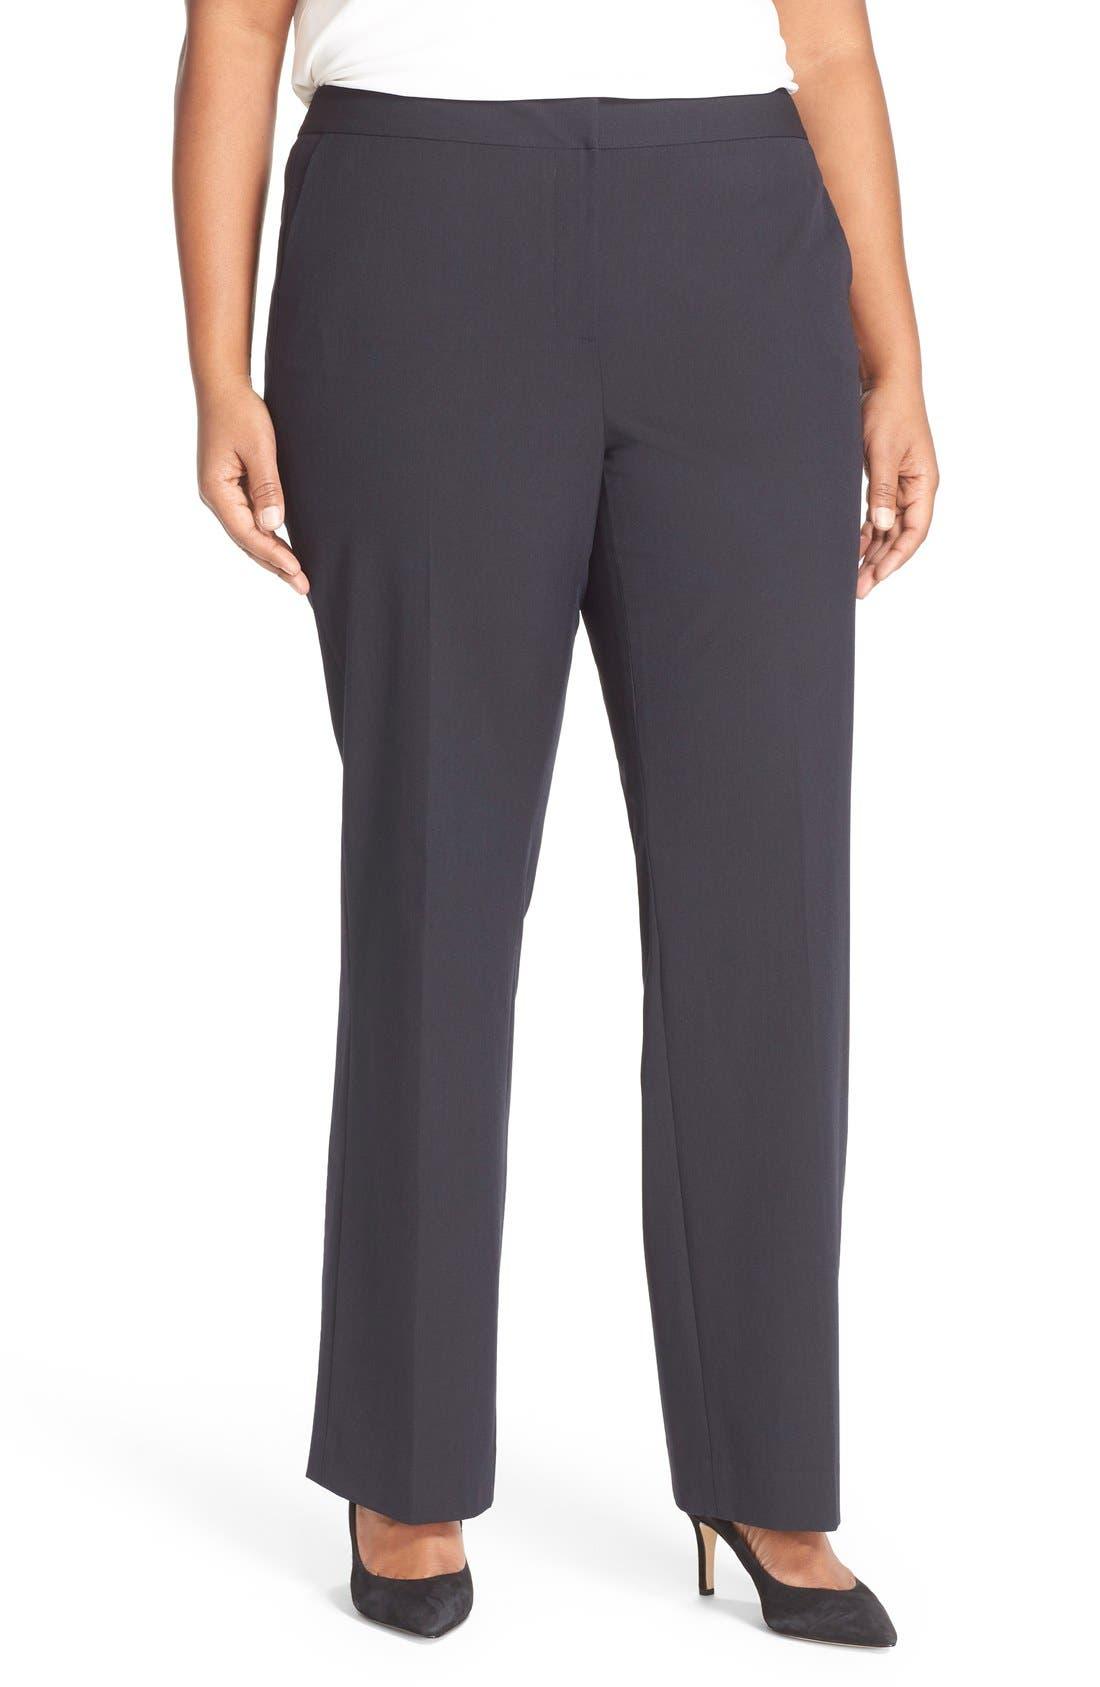 Alternate Image 1 Selected - Sejour 'Ela' Stretch Curvy Fit Wide Leg Suit Pants (Plus Size & Petite Plus)